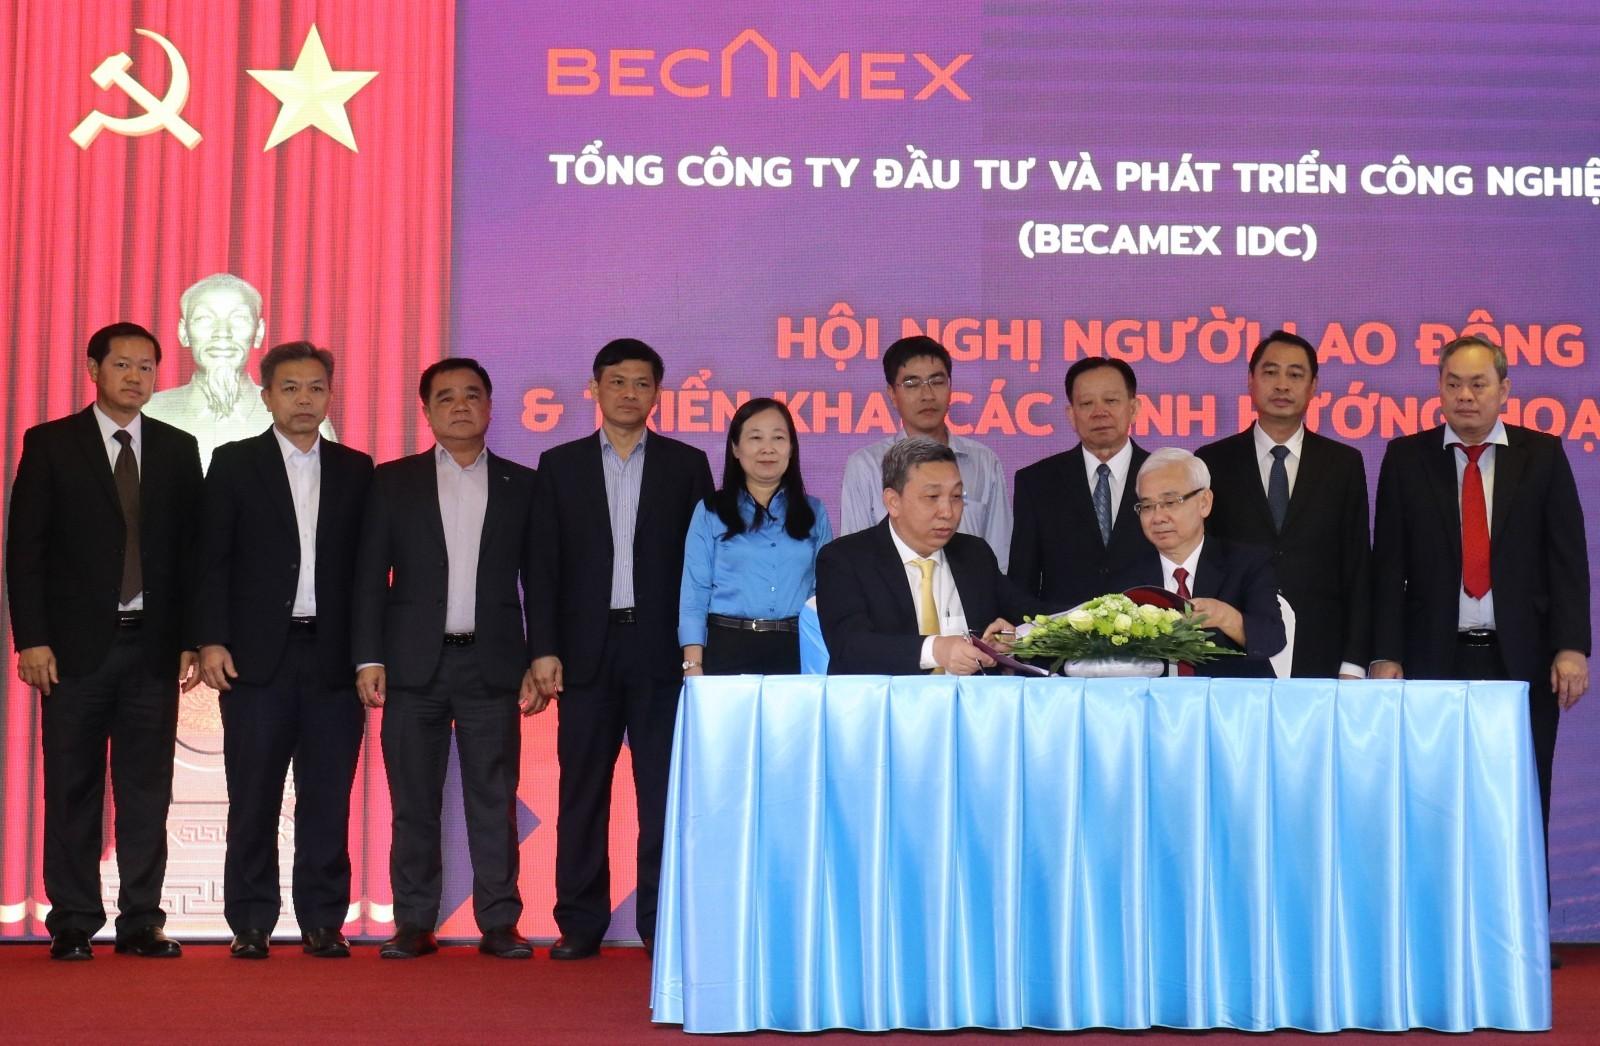 Becamex IDC tổ chức lễ ký kết thỏa ước lao động tập thể và giao ước thi đua năm 2021